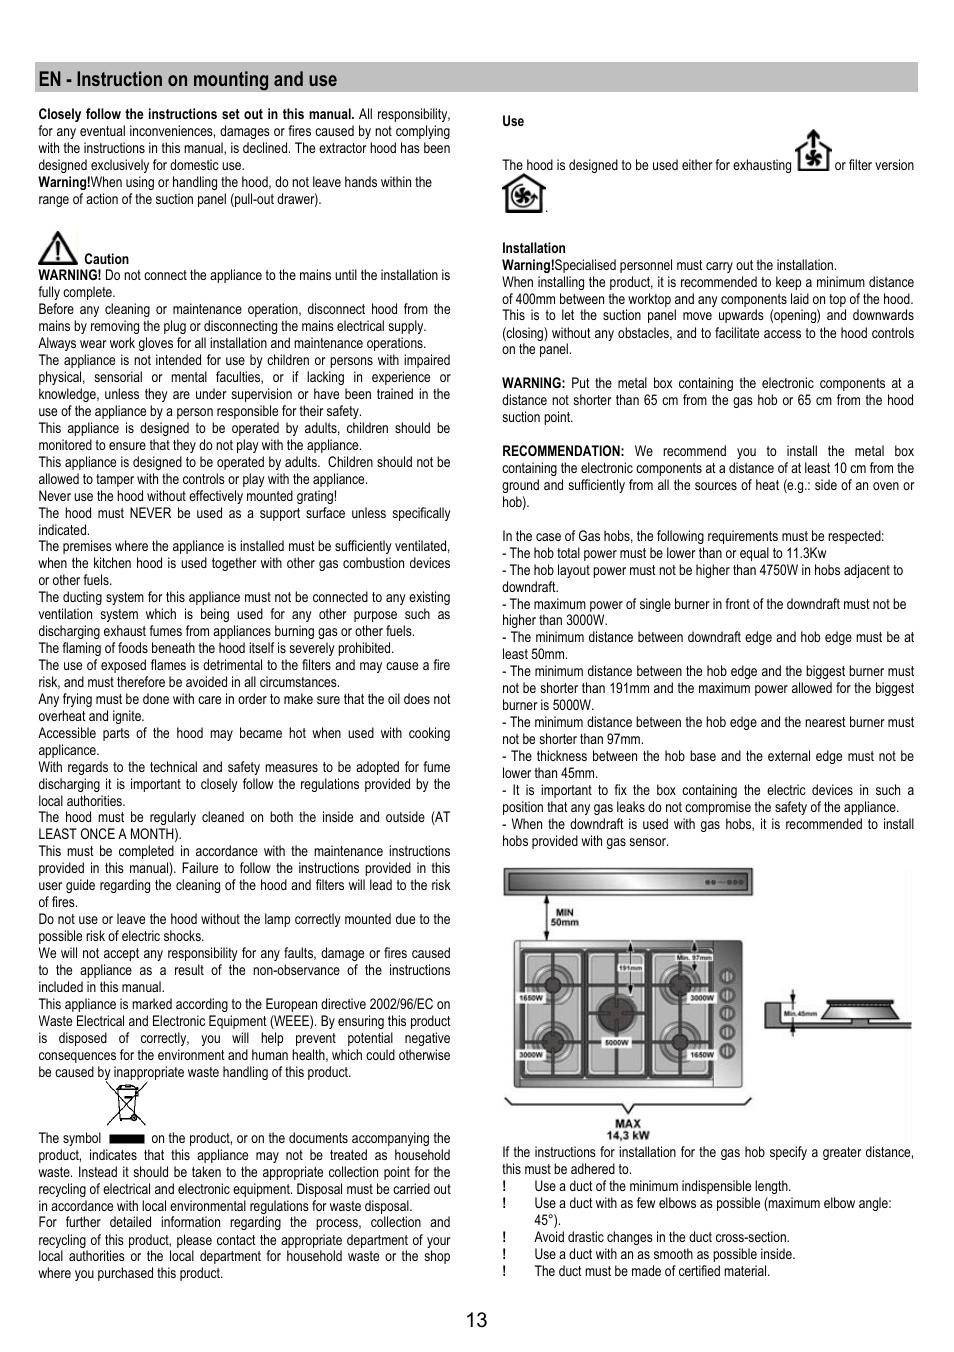 Aeg oven instructions